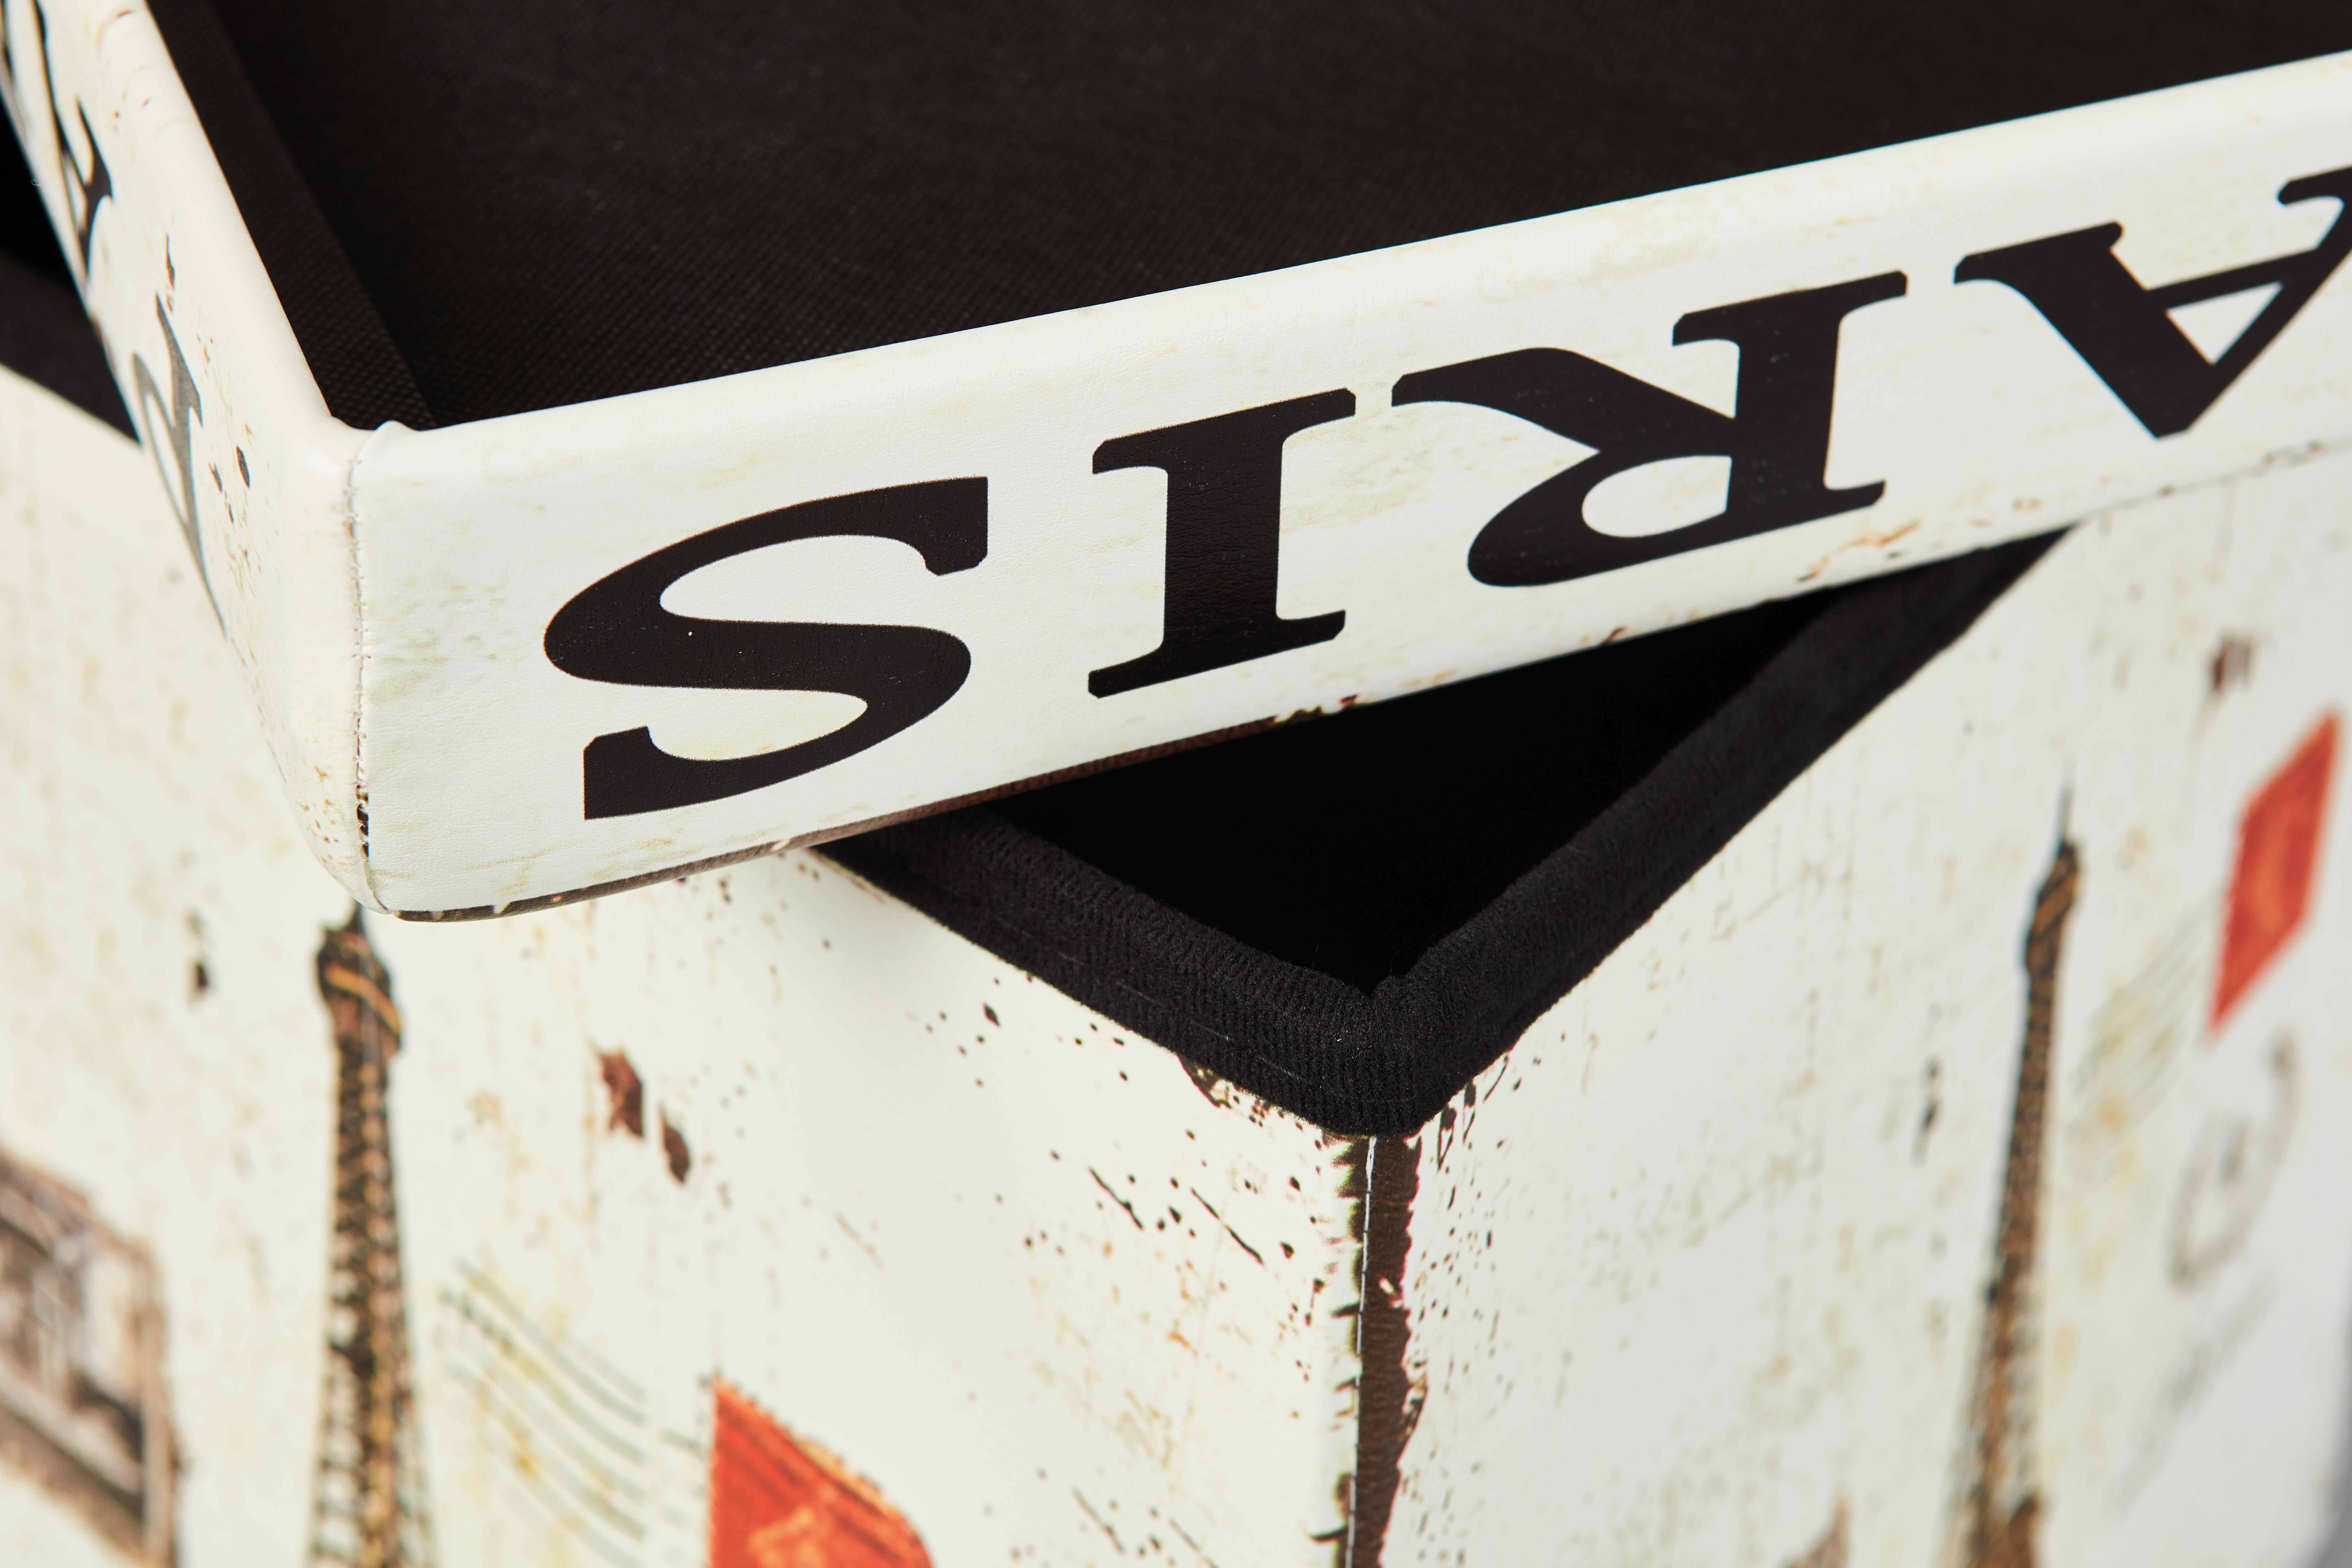 Sitzbox 38x38x38 Cm Setti Von Interlink Paris Dekor